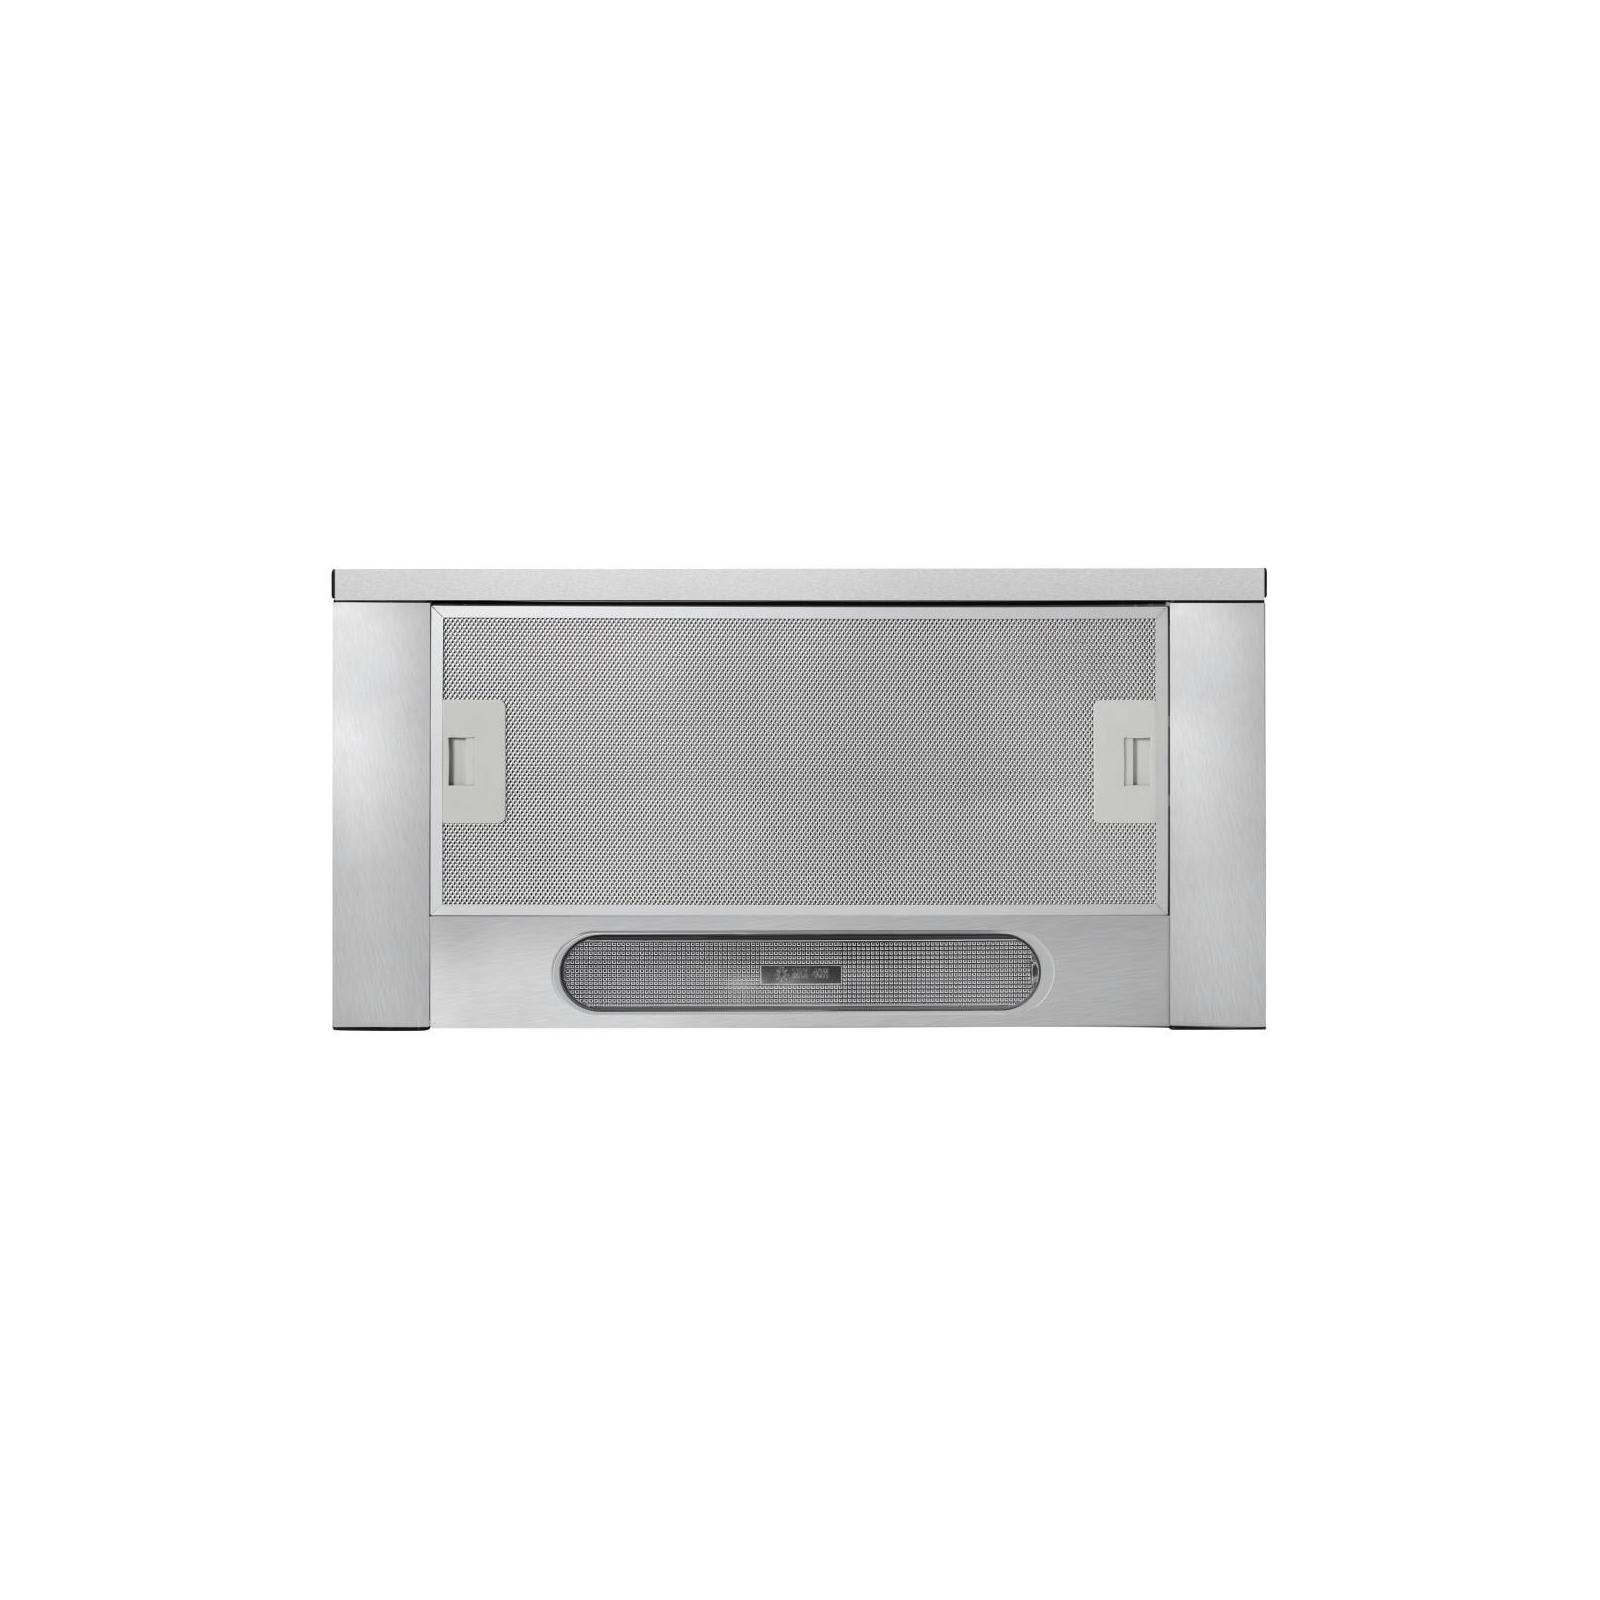 Вытяжка кухонная MINOLA HTL 6010 FULL INOX 430 изображение 3